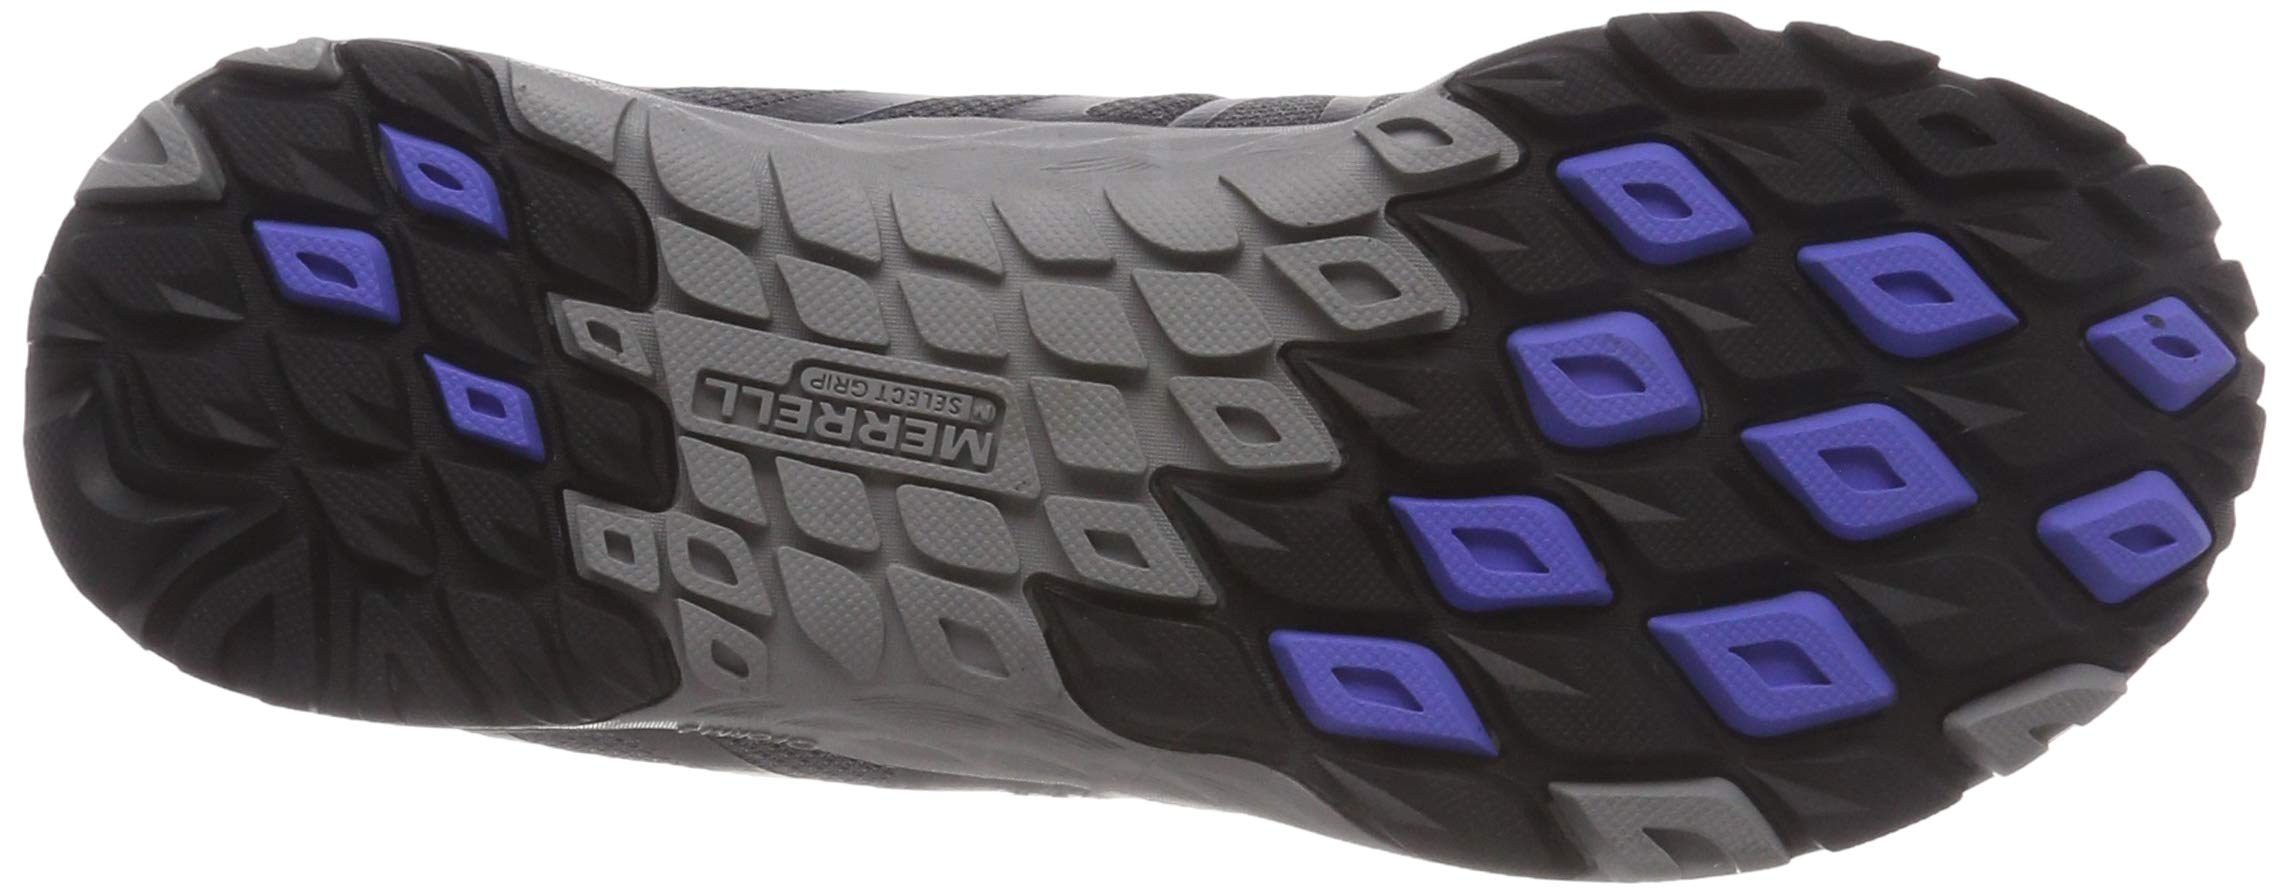 71dHNfDK3kL - Merrell Women's Siren Edge Q2 Mid Wp High Rise Hiking Boots